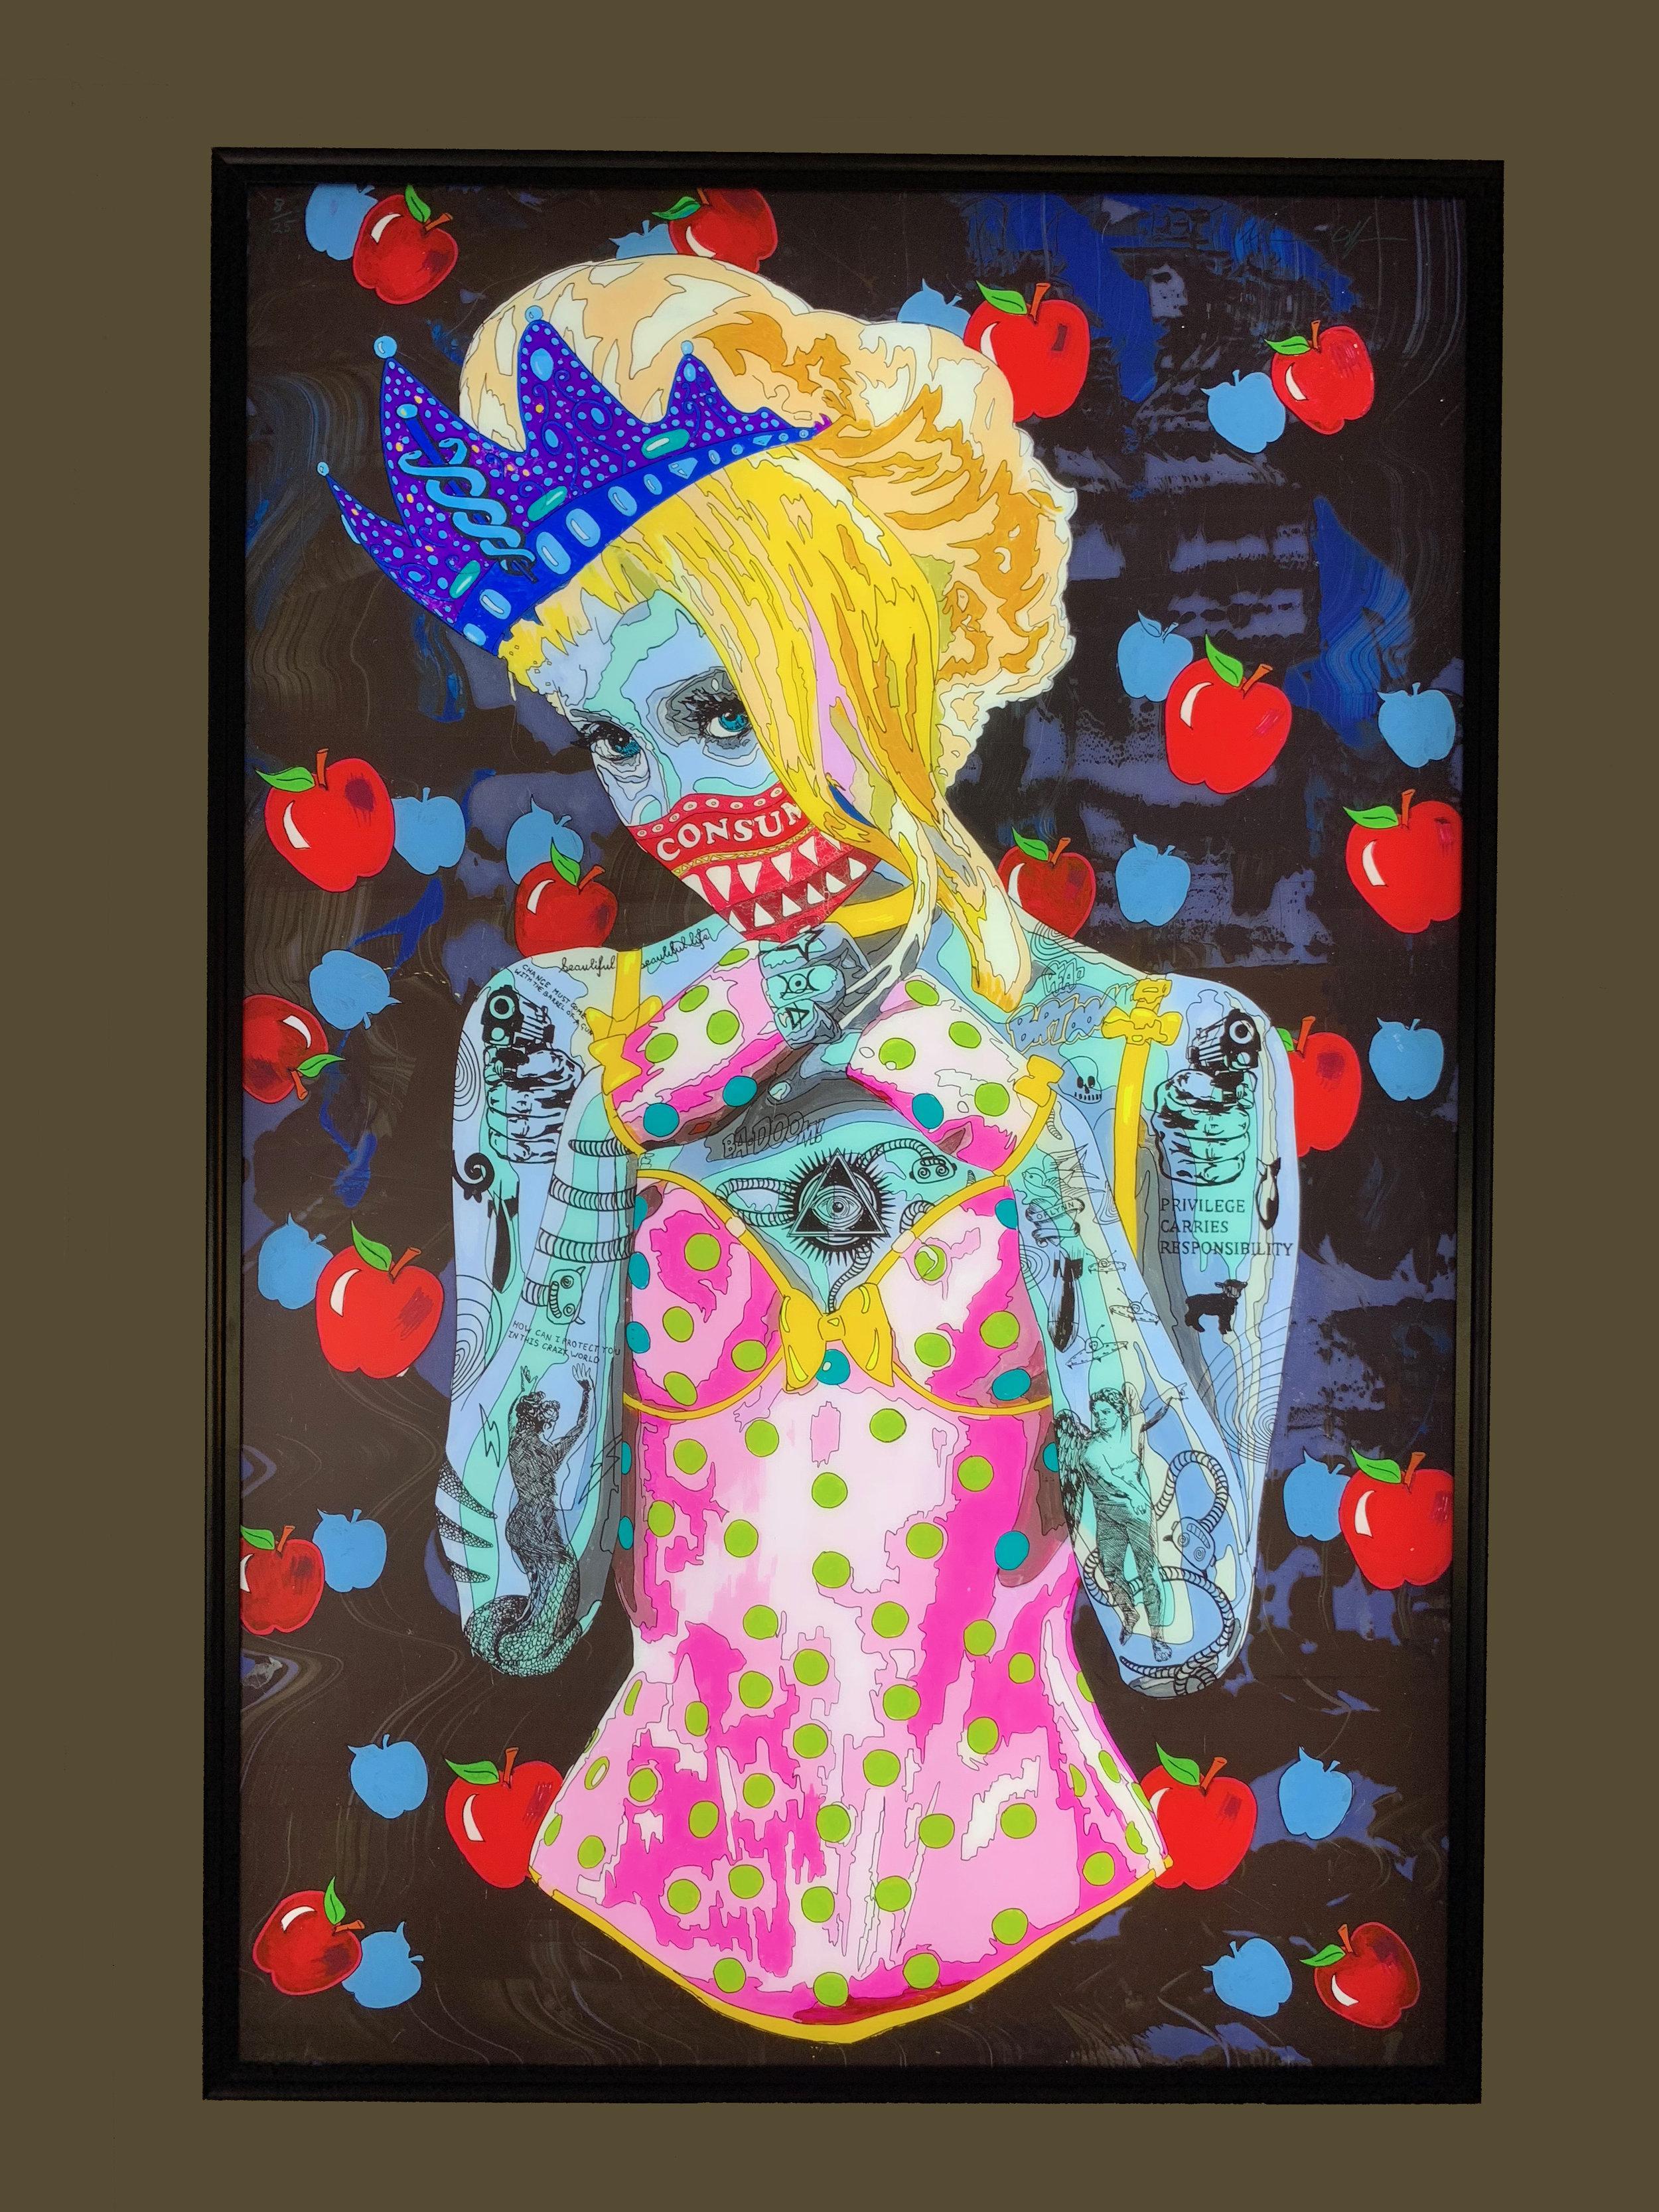 [Art Supermarket] Norman O'Flynn_Timekeeper52_Queen_Lightbox_150x100x10cm_3D.jpg